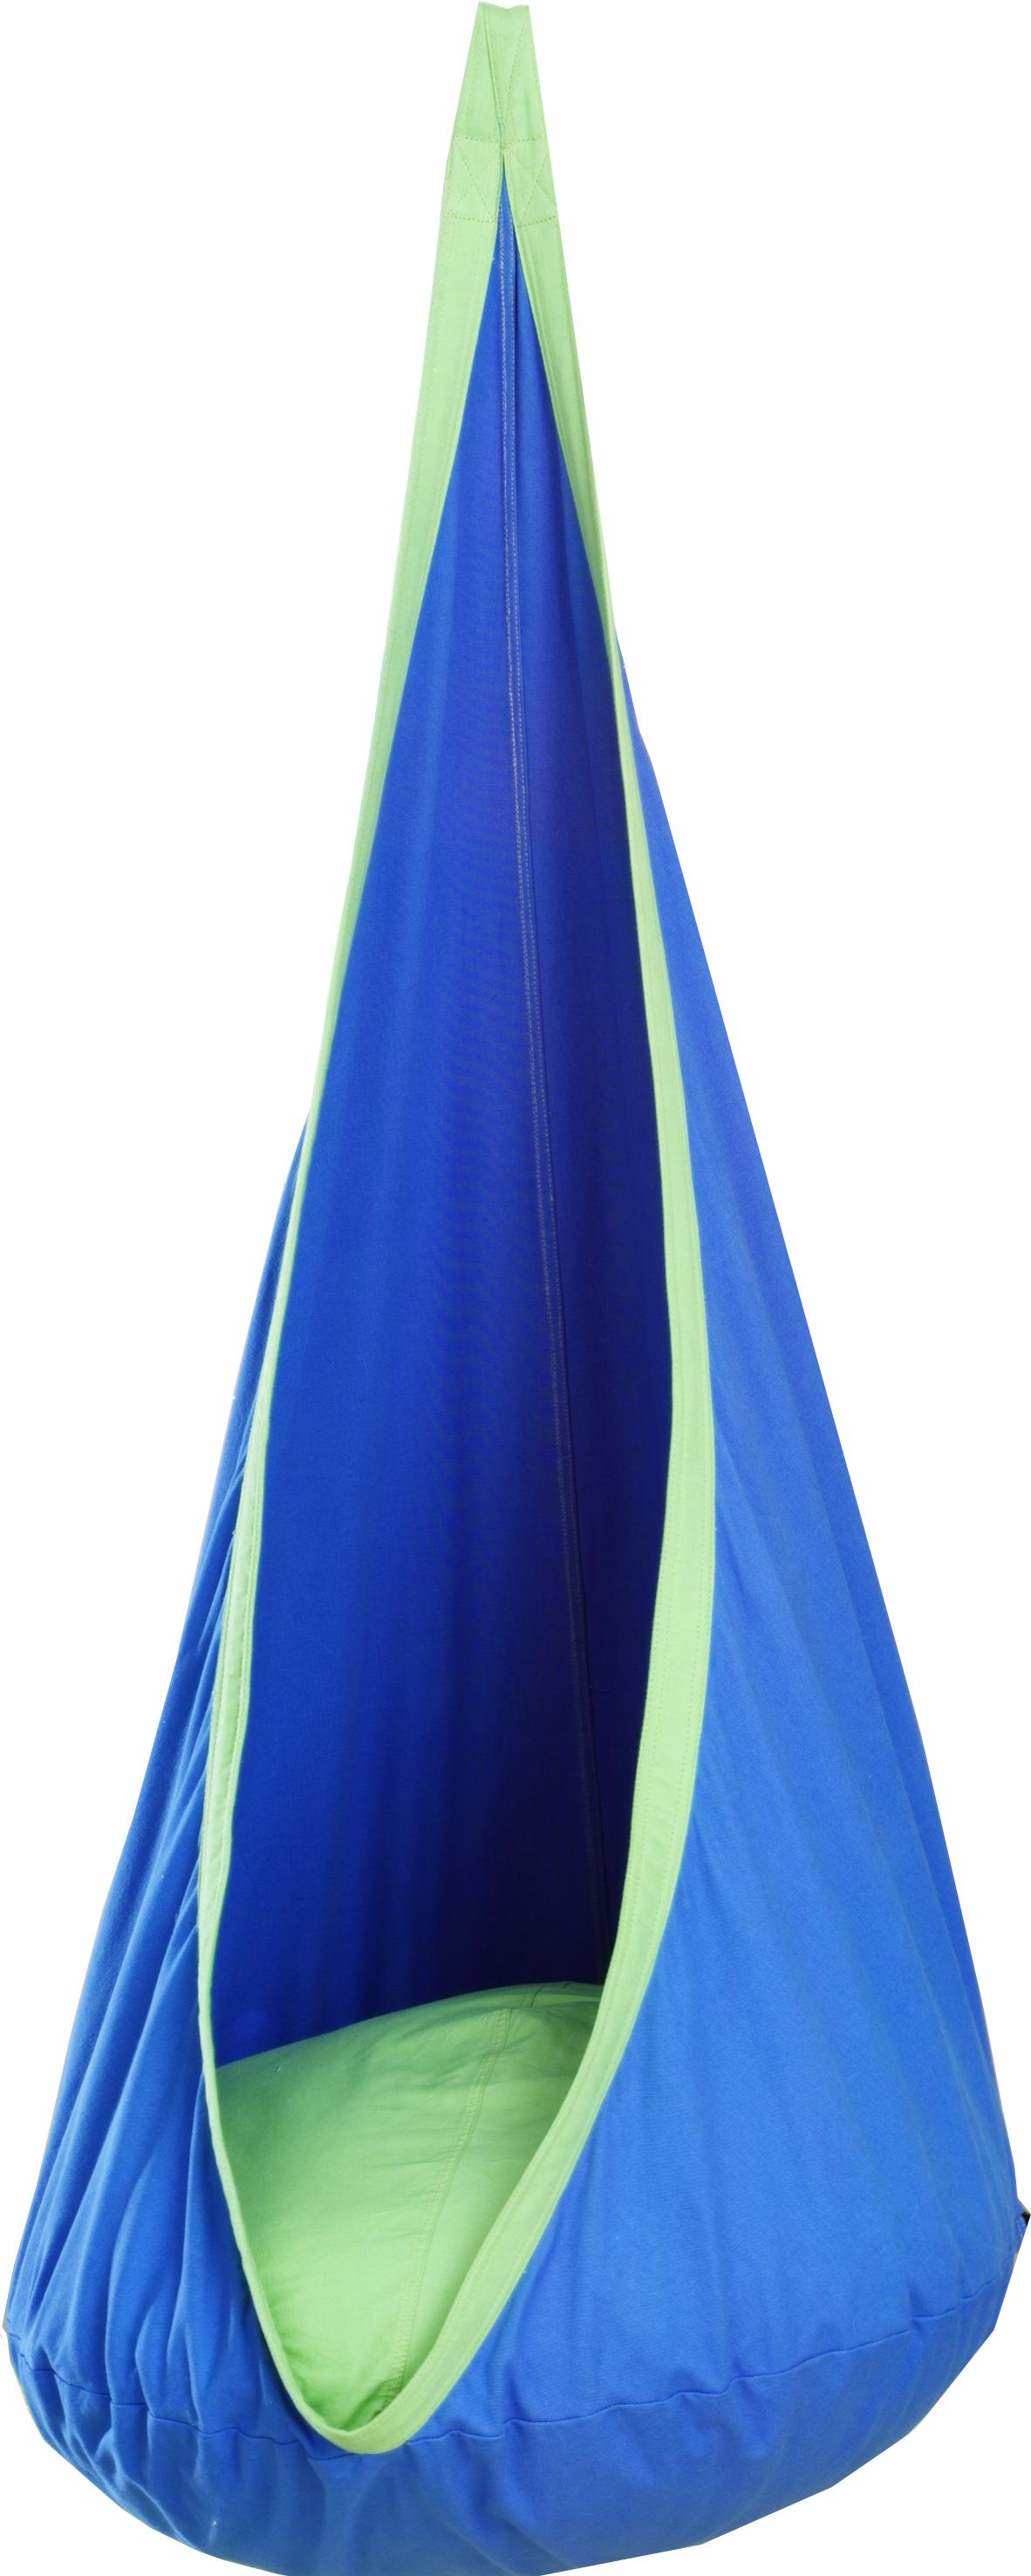 Fotel Hamakowy Dla Dzieci D70 34 Niebiesko Zielony Jod70 34